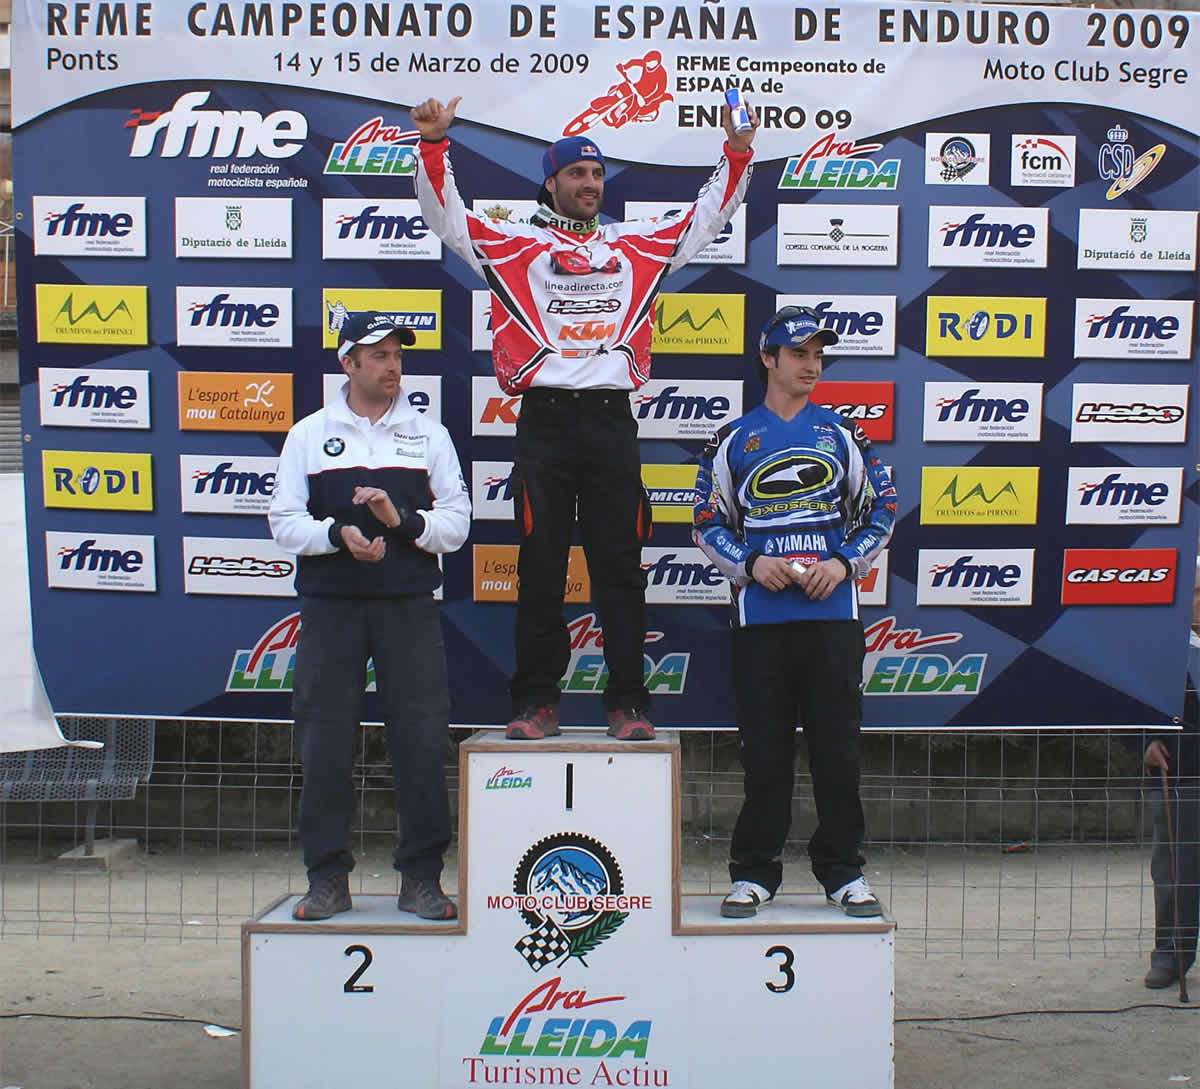 podio-ponts1